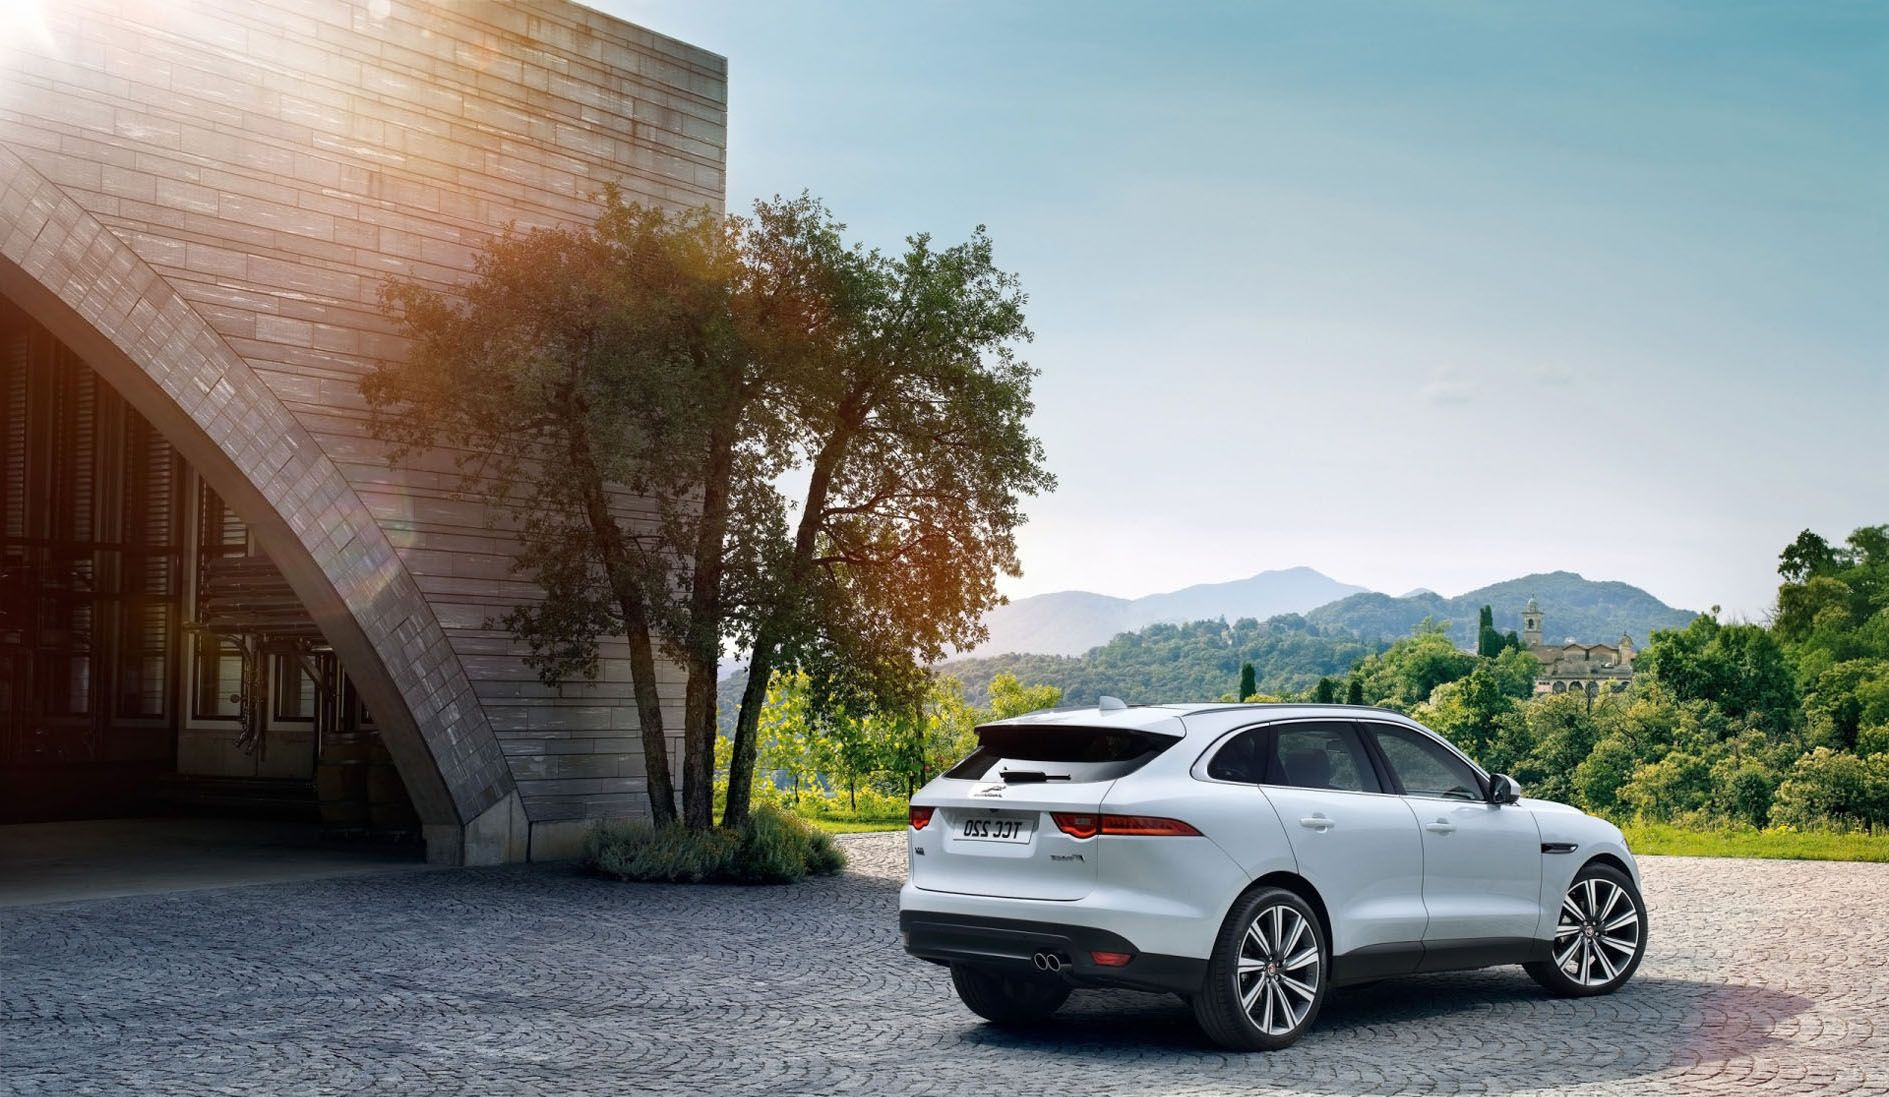 Image for White Concept Jaguar F Pace 2017